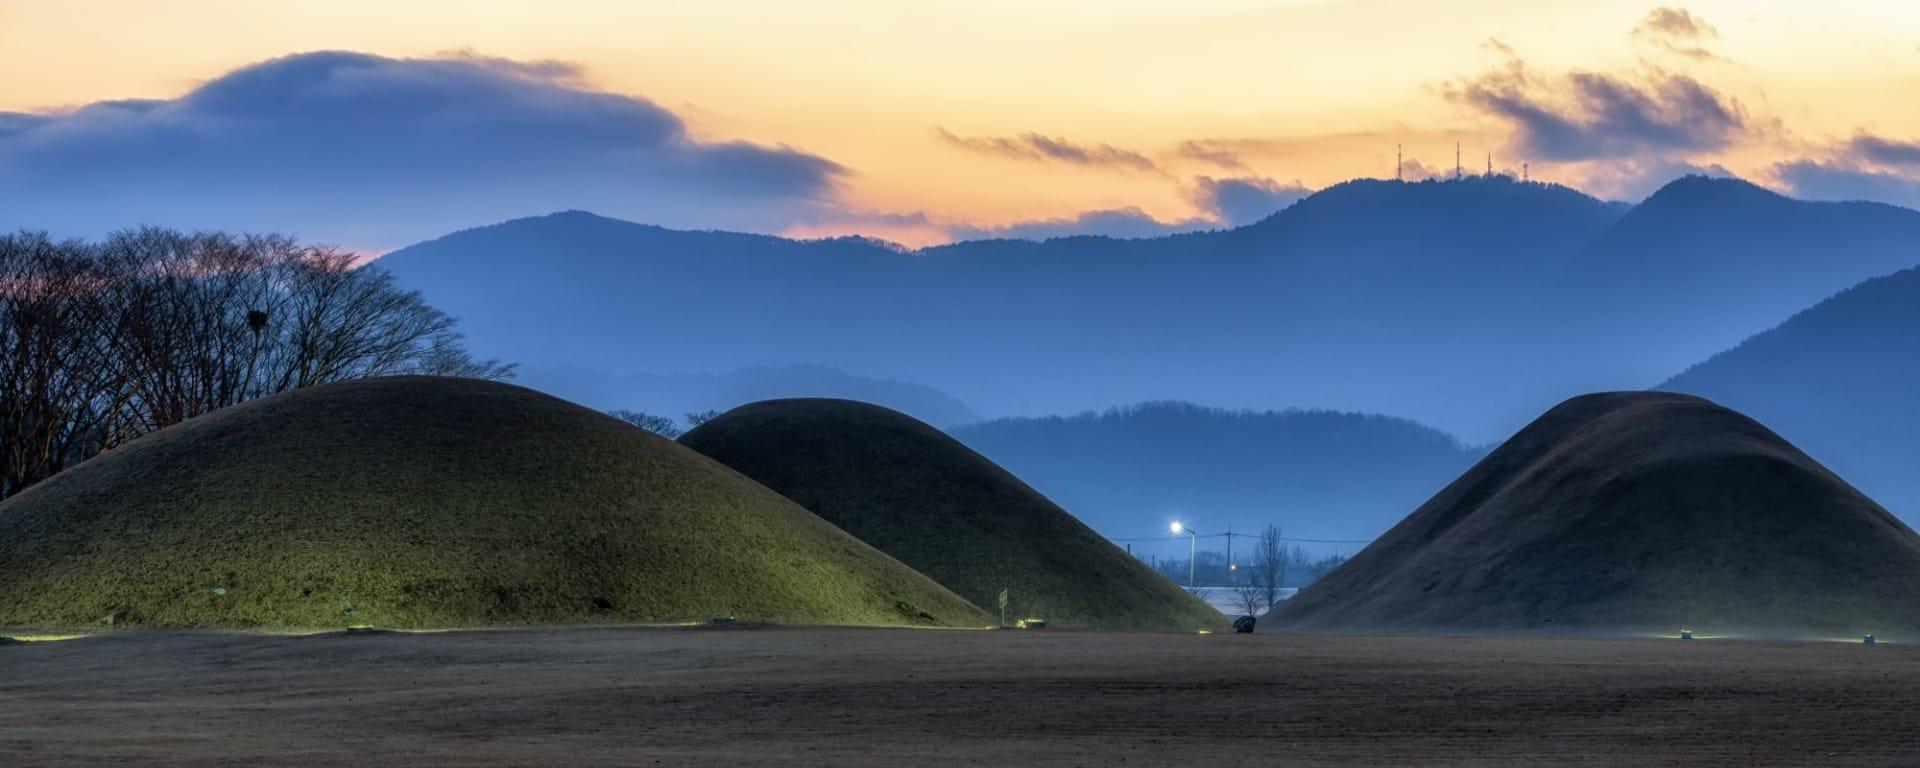 Corée du Sud compacte de Séoul: Naemul of silla royal king mound in gyeongju